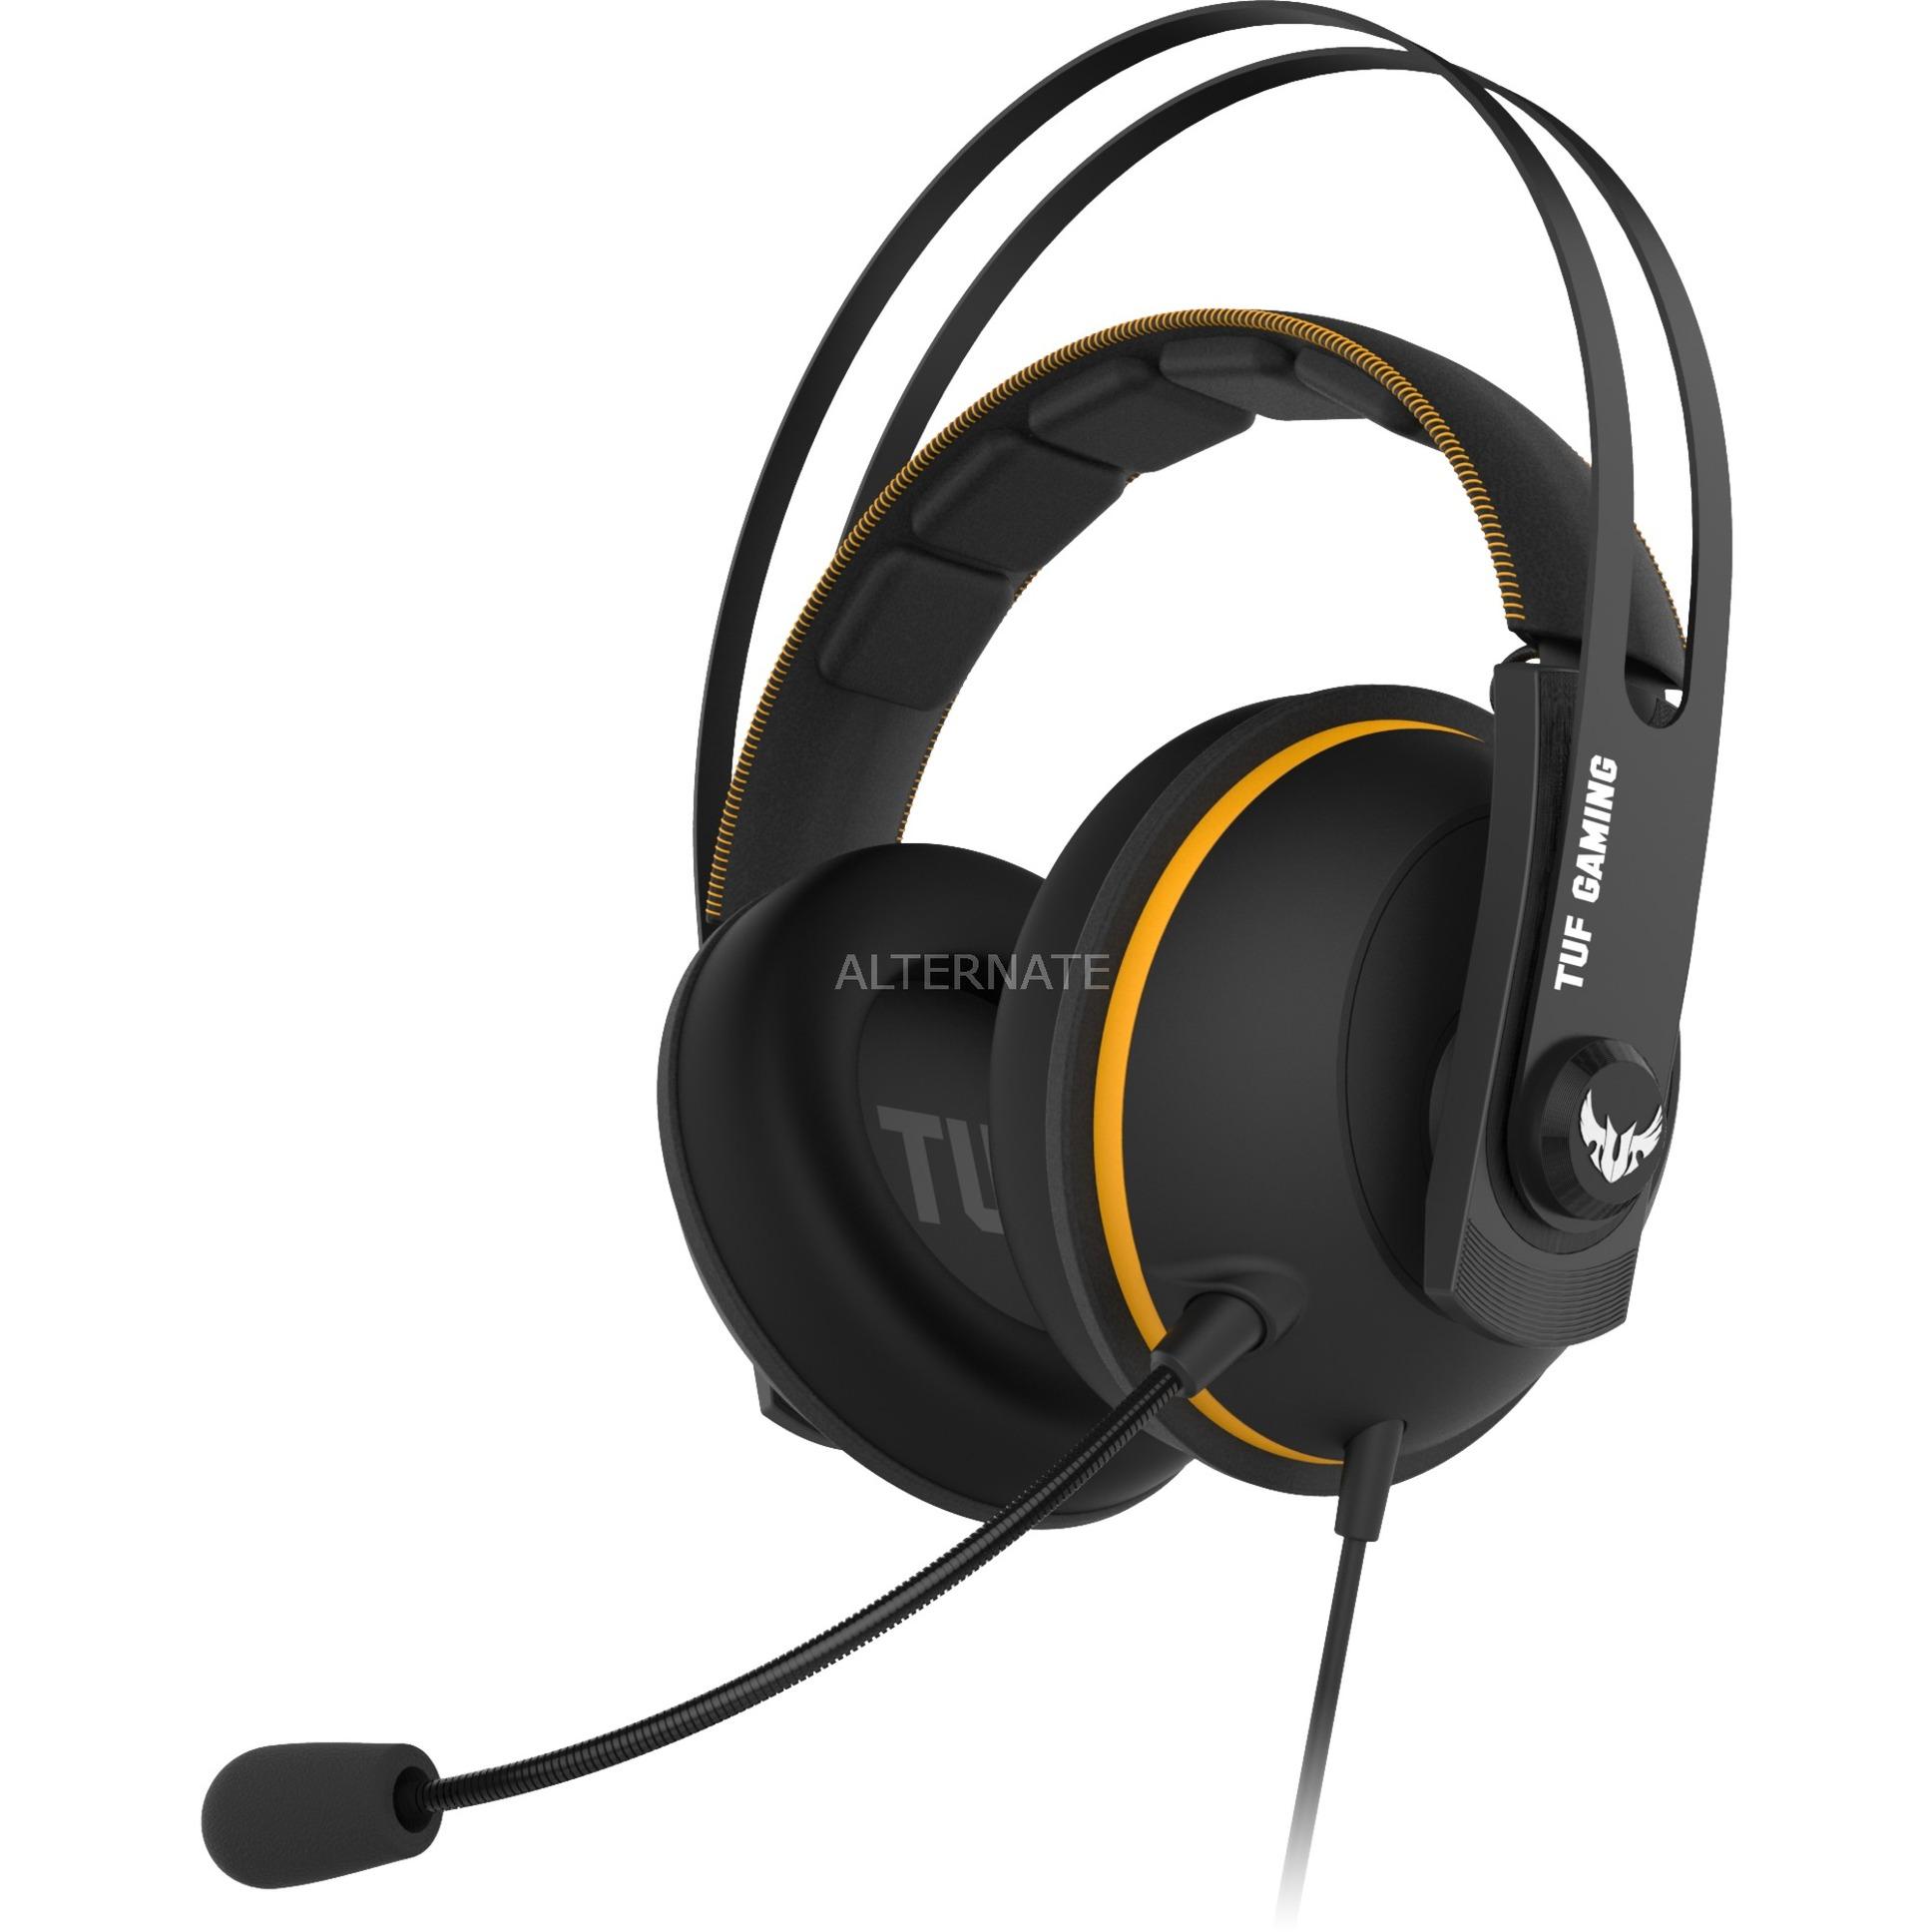 90YH01RY-B1UA00, Auriculares con micrófono